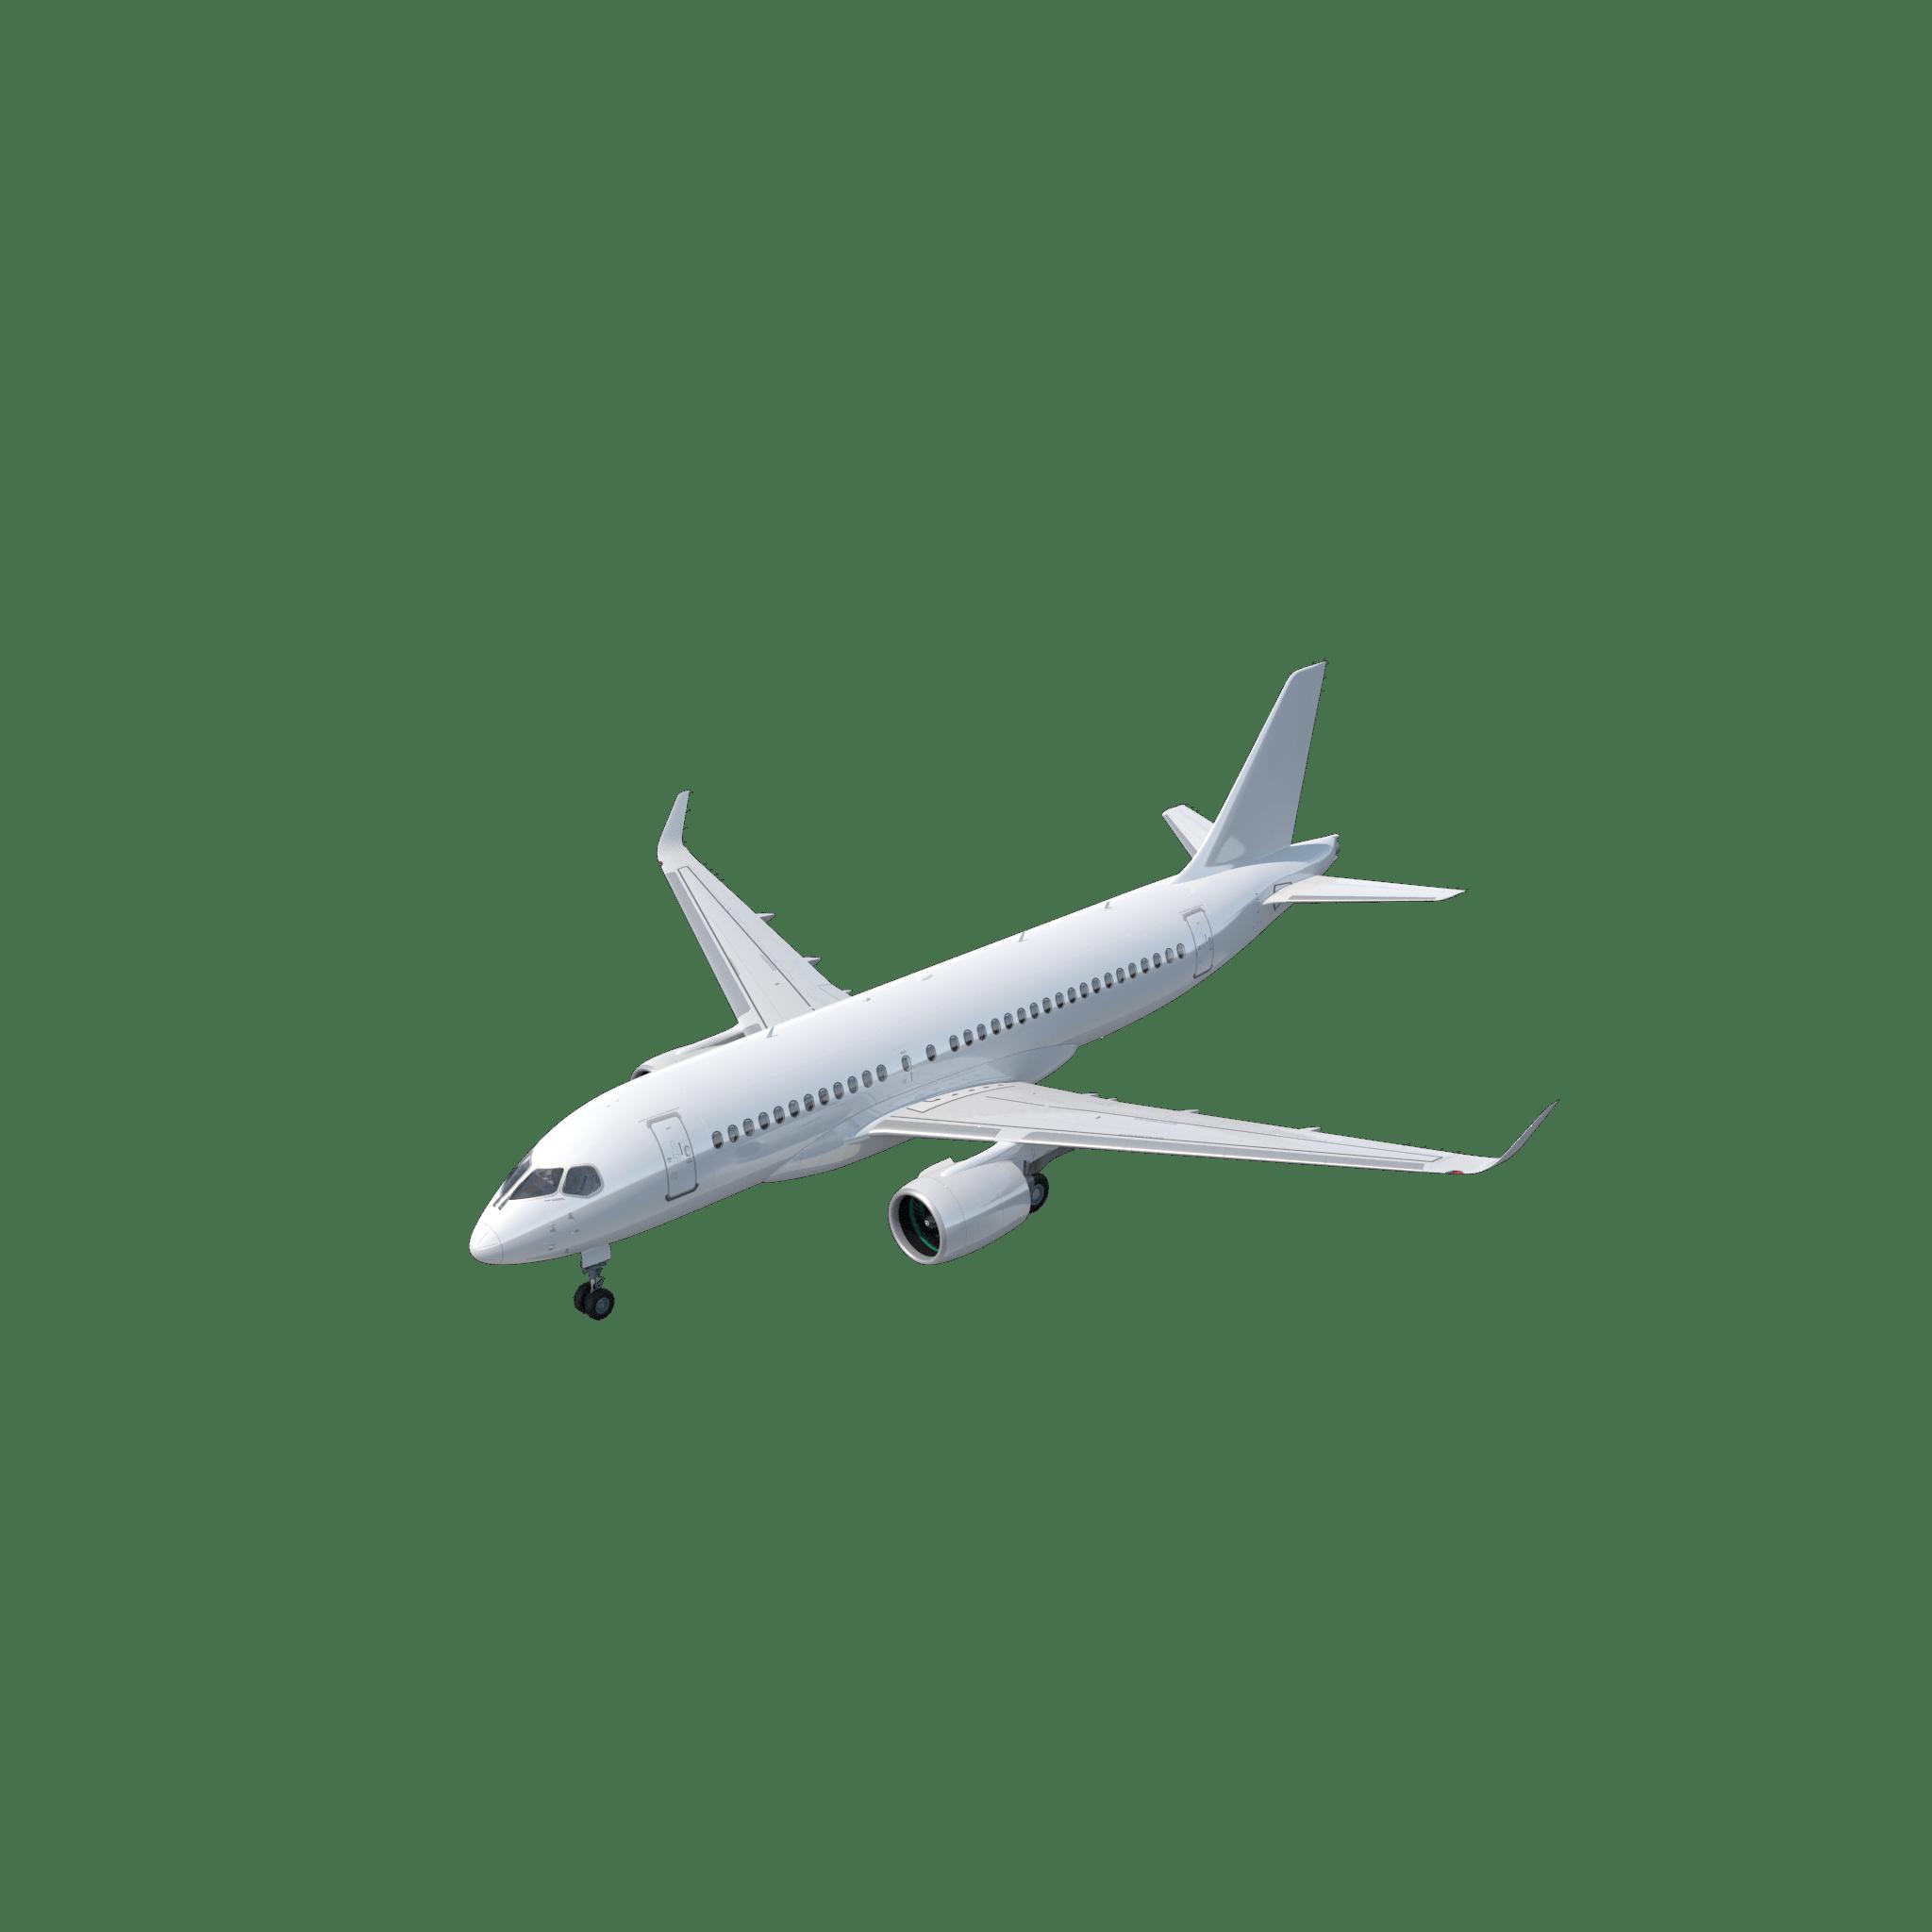 ¿Debería invertir en Ryanair?